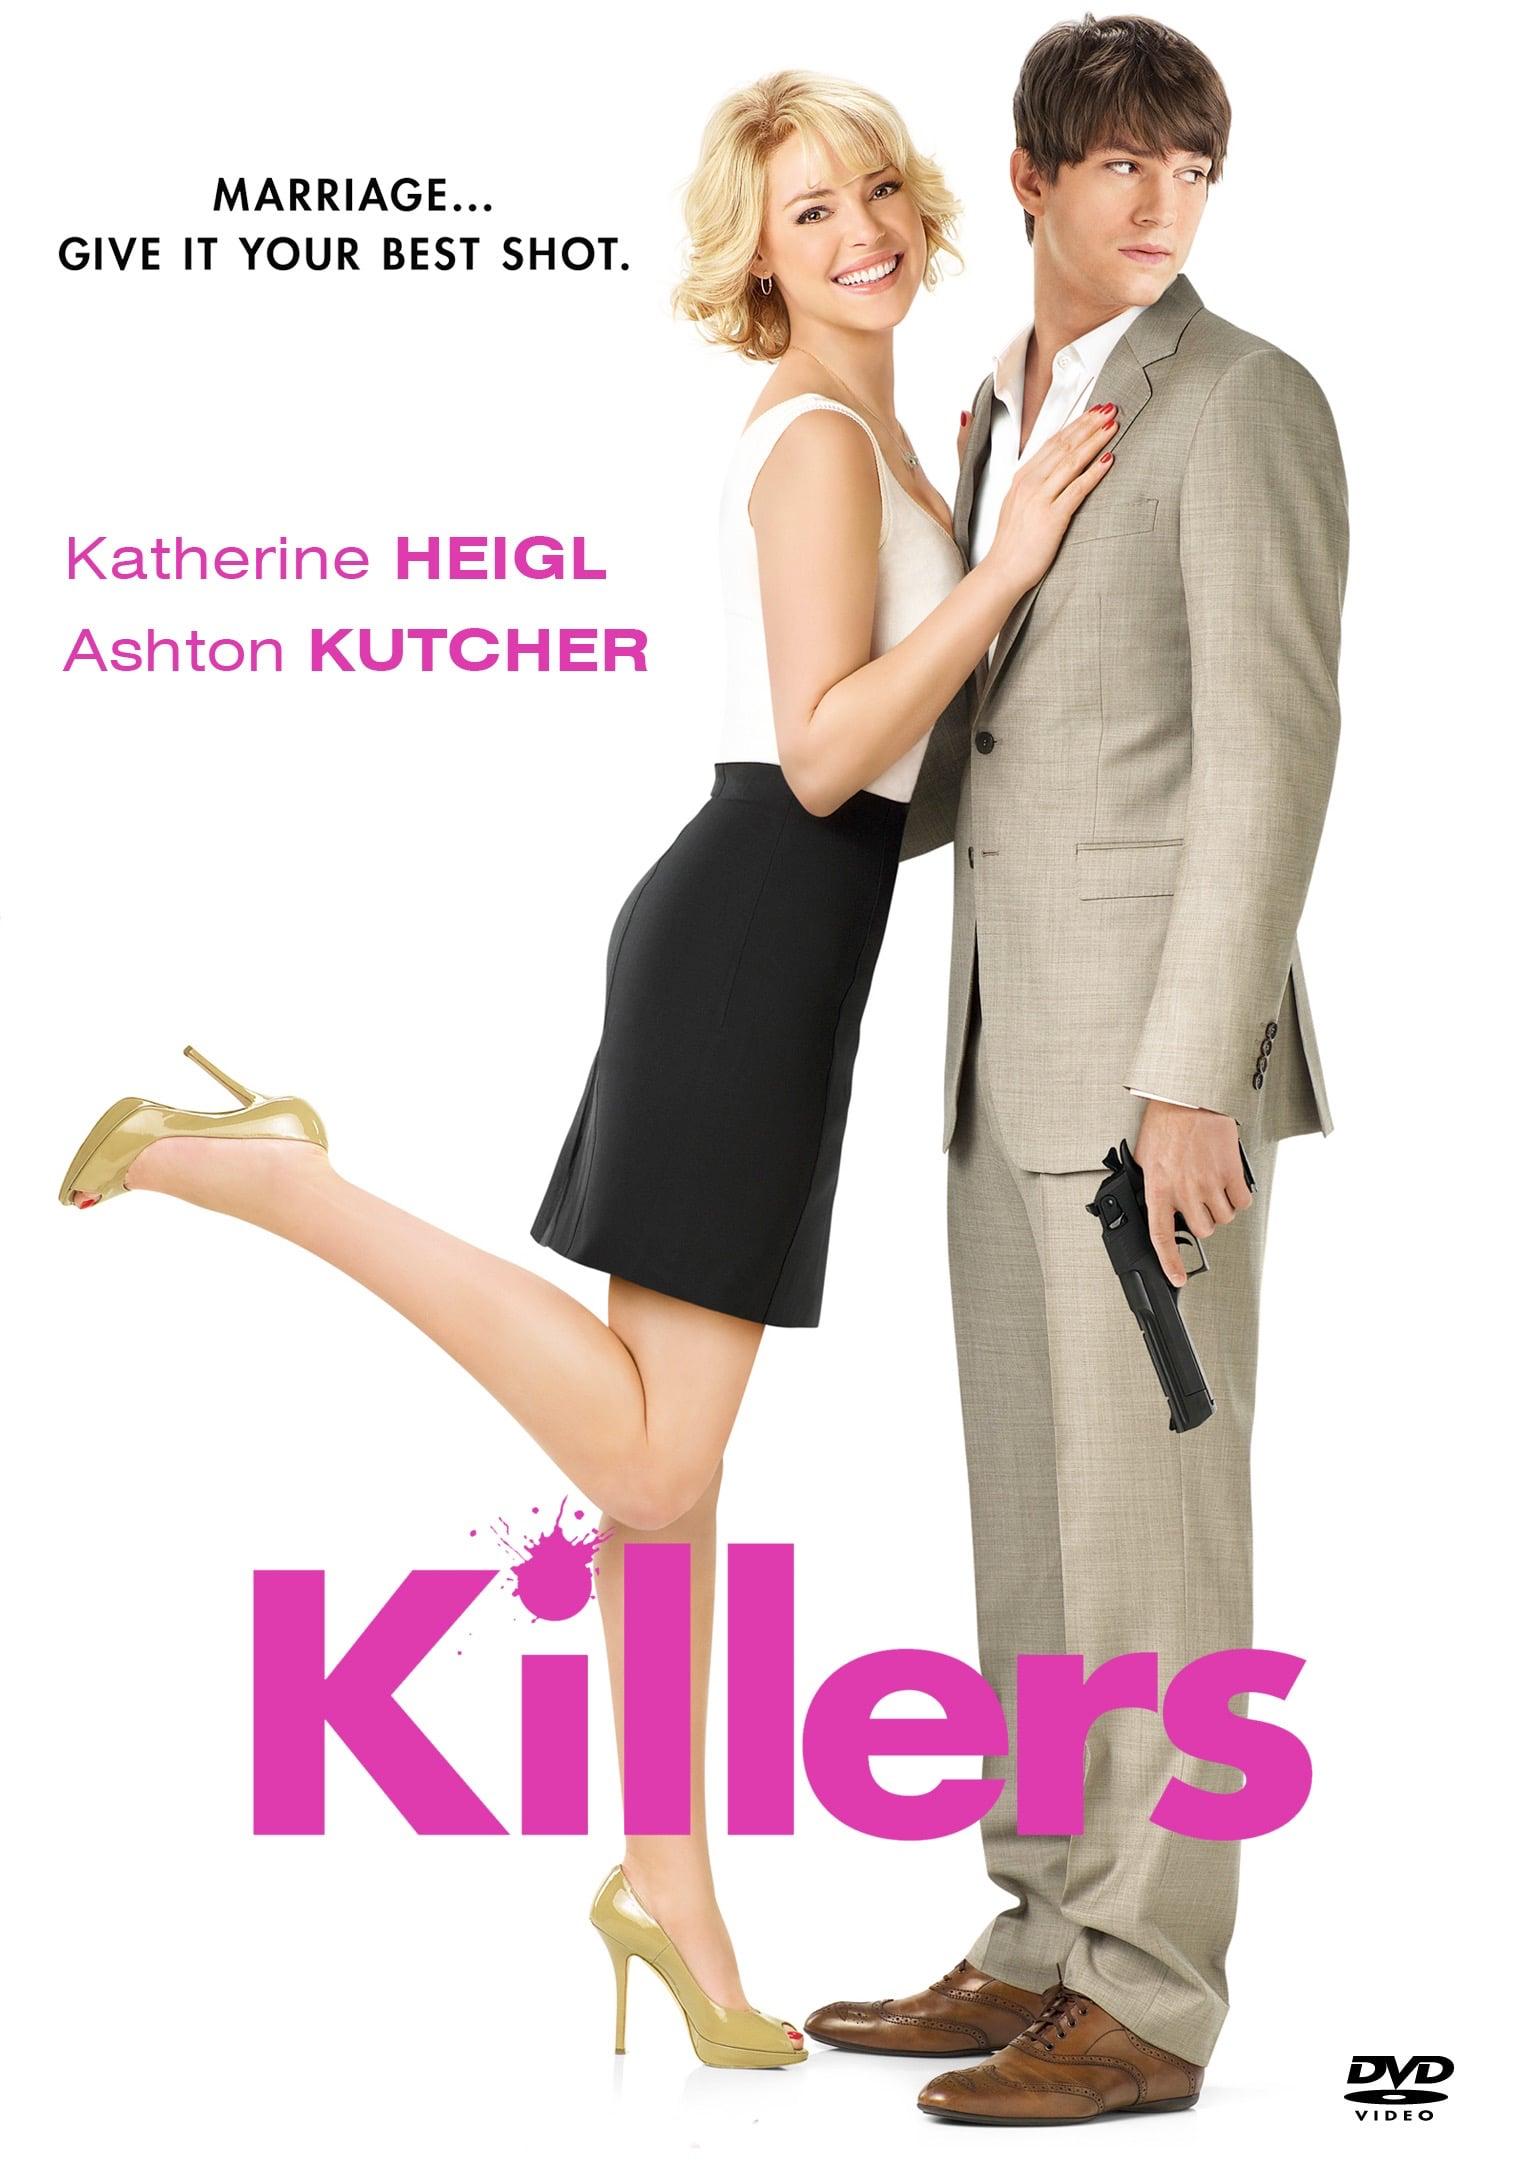 Killers (2010) Main Poster